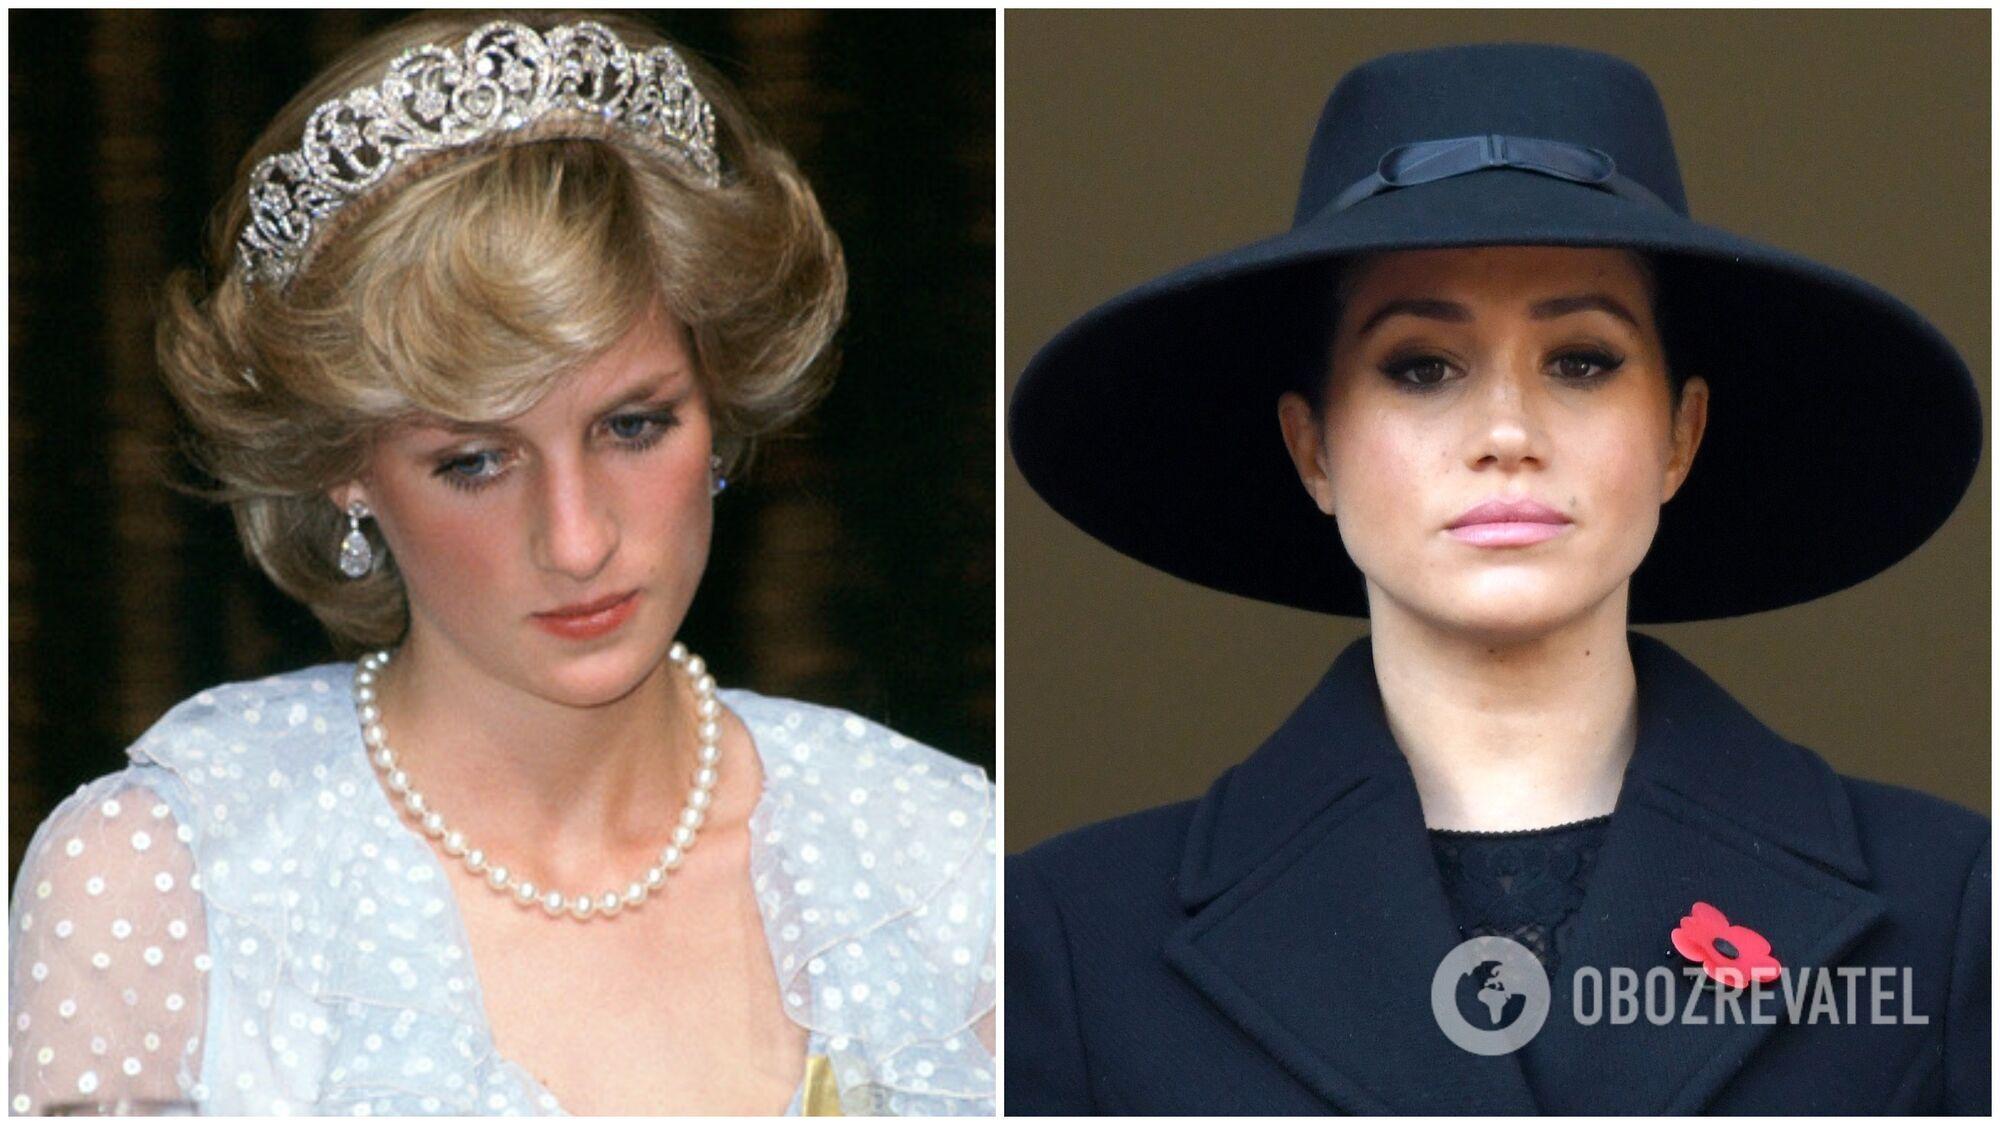 Принцесса Диана дружила с прислугой, а вот Меган Маркл, наоборот, обращалась скверно с обслуживающим персоналом